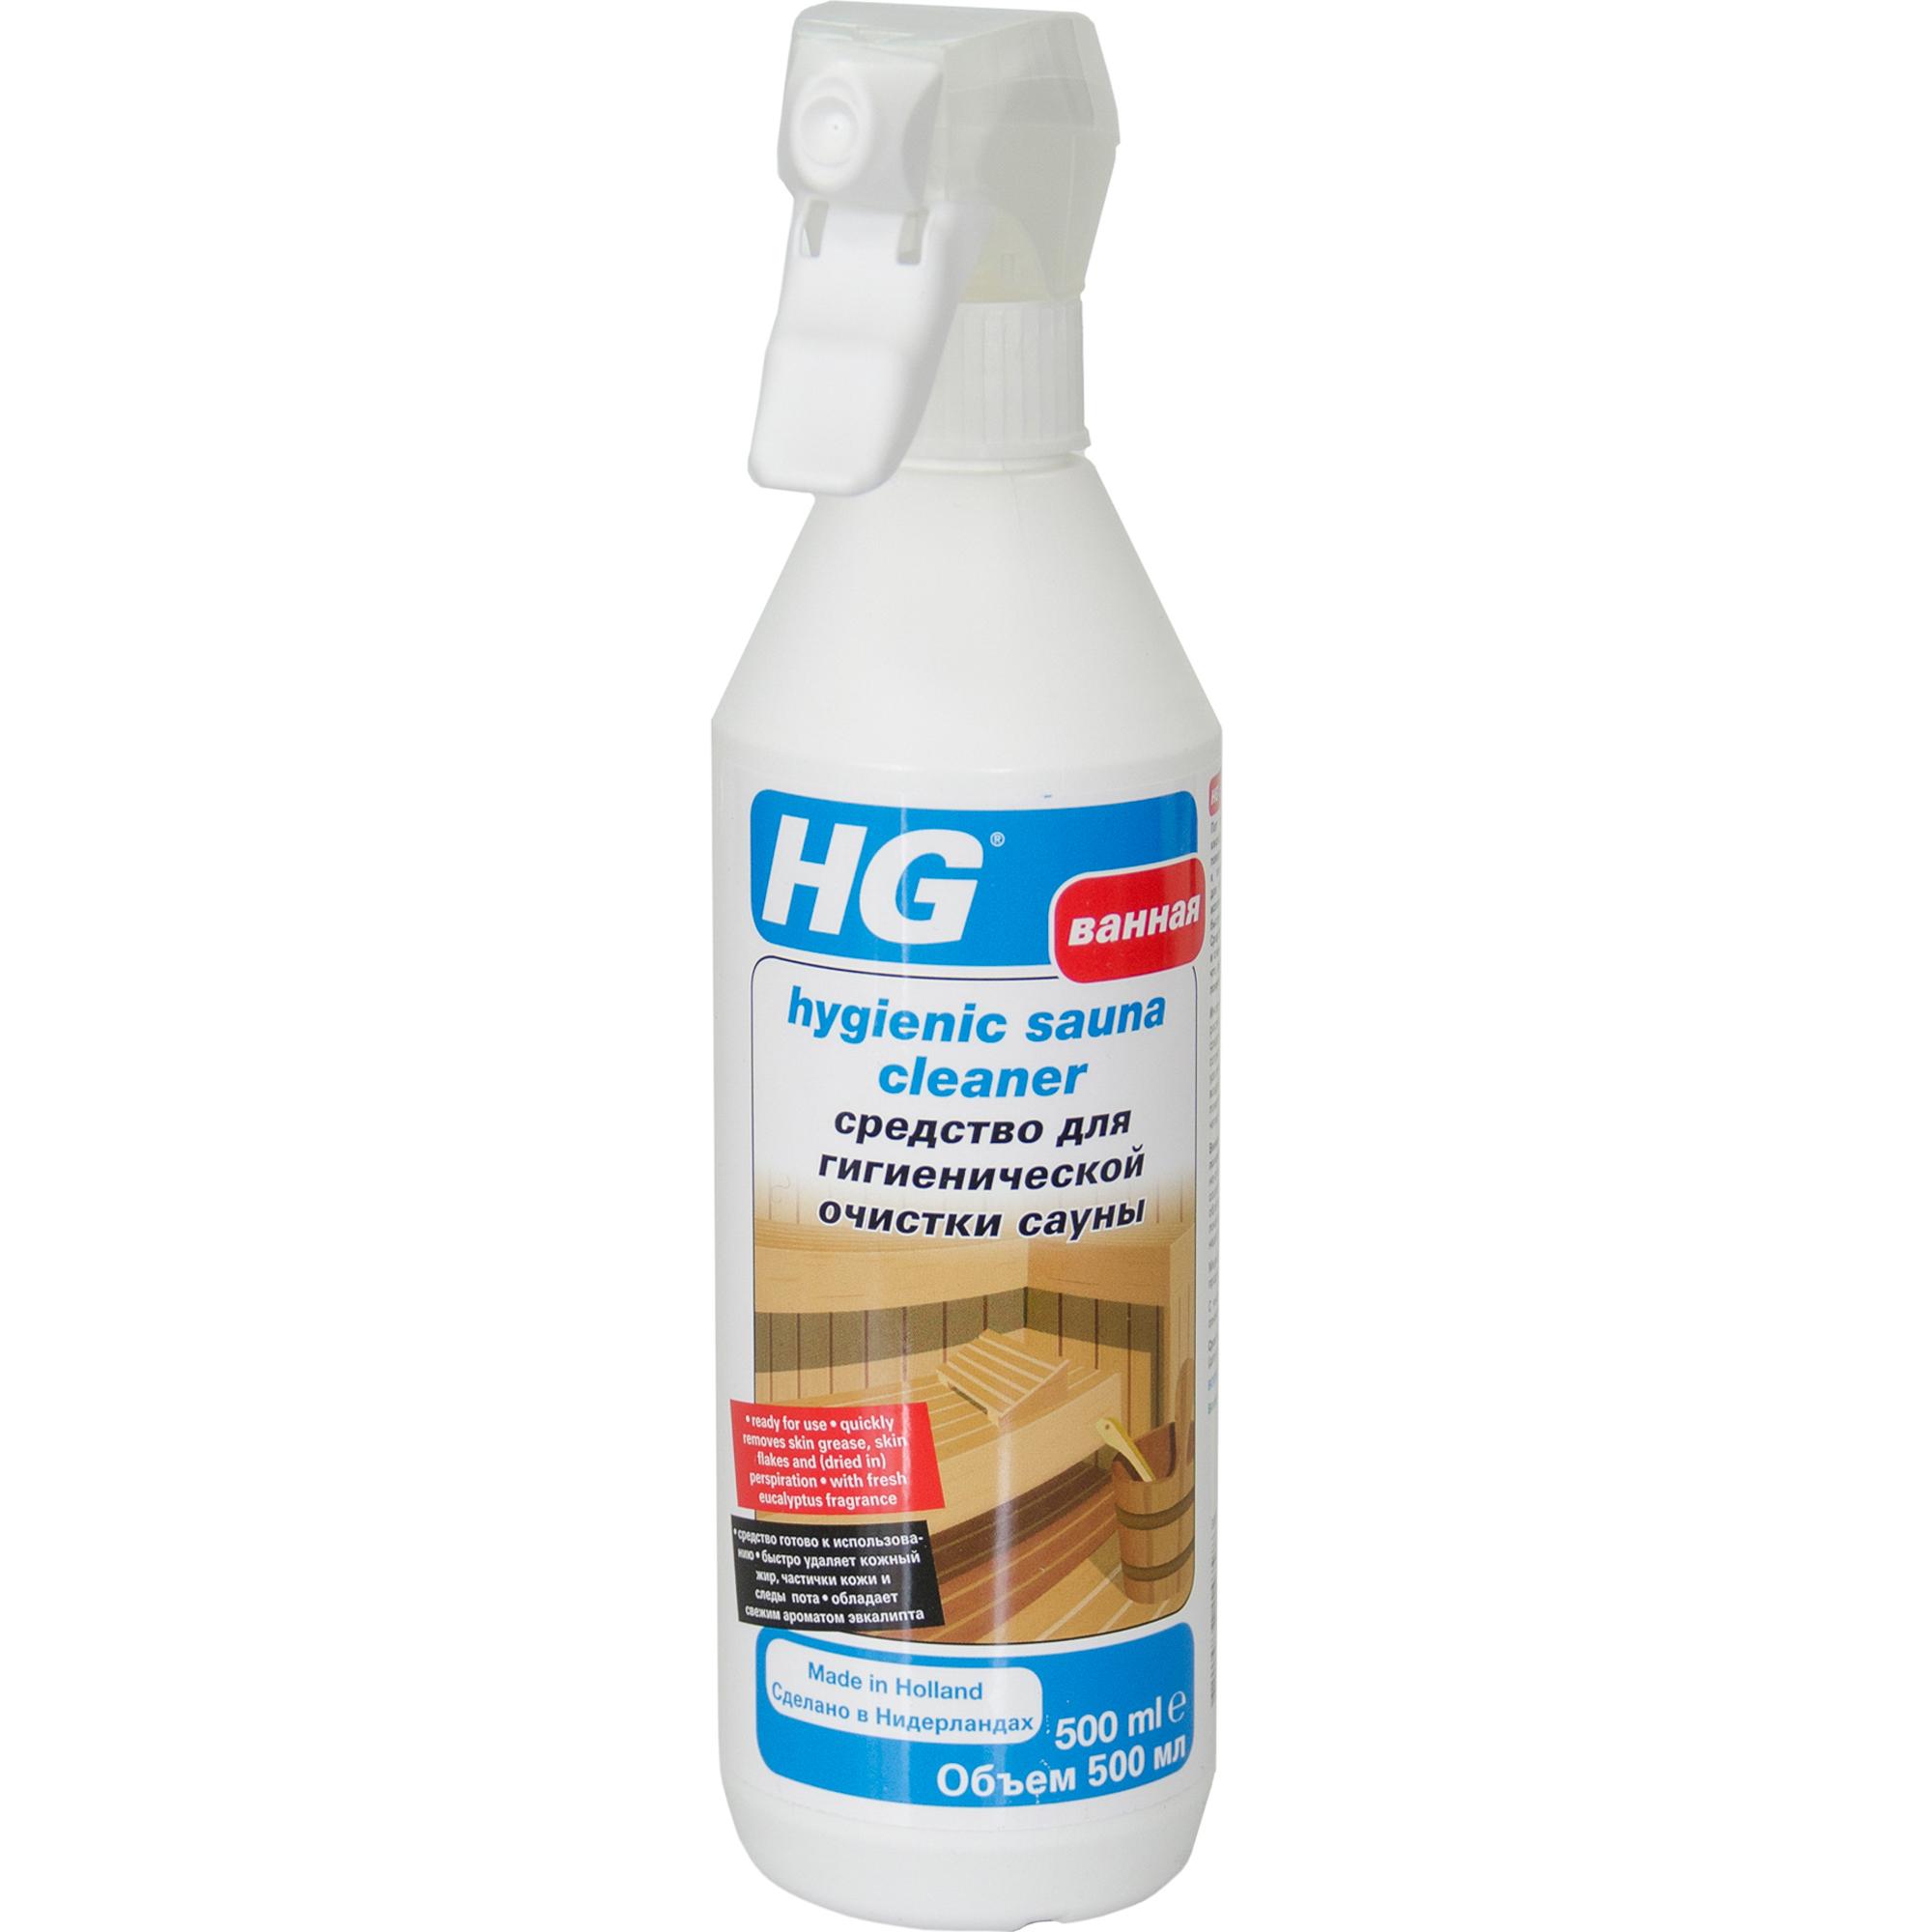 Фото - Средство чистящее HG Для гигиенической очистки сауны 500 мл жидкость hg для гигиеничной очистки холодильника 500 мл